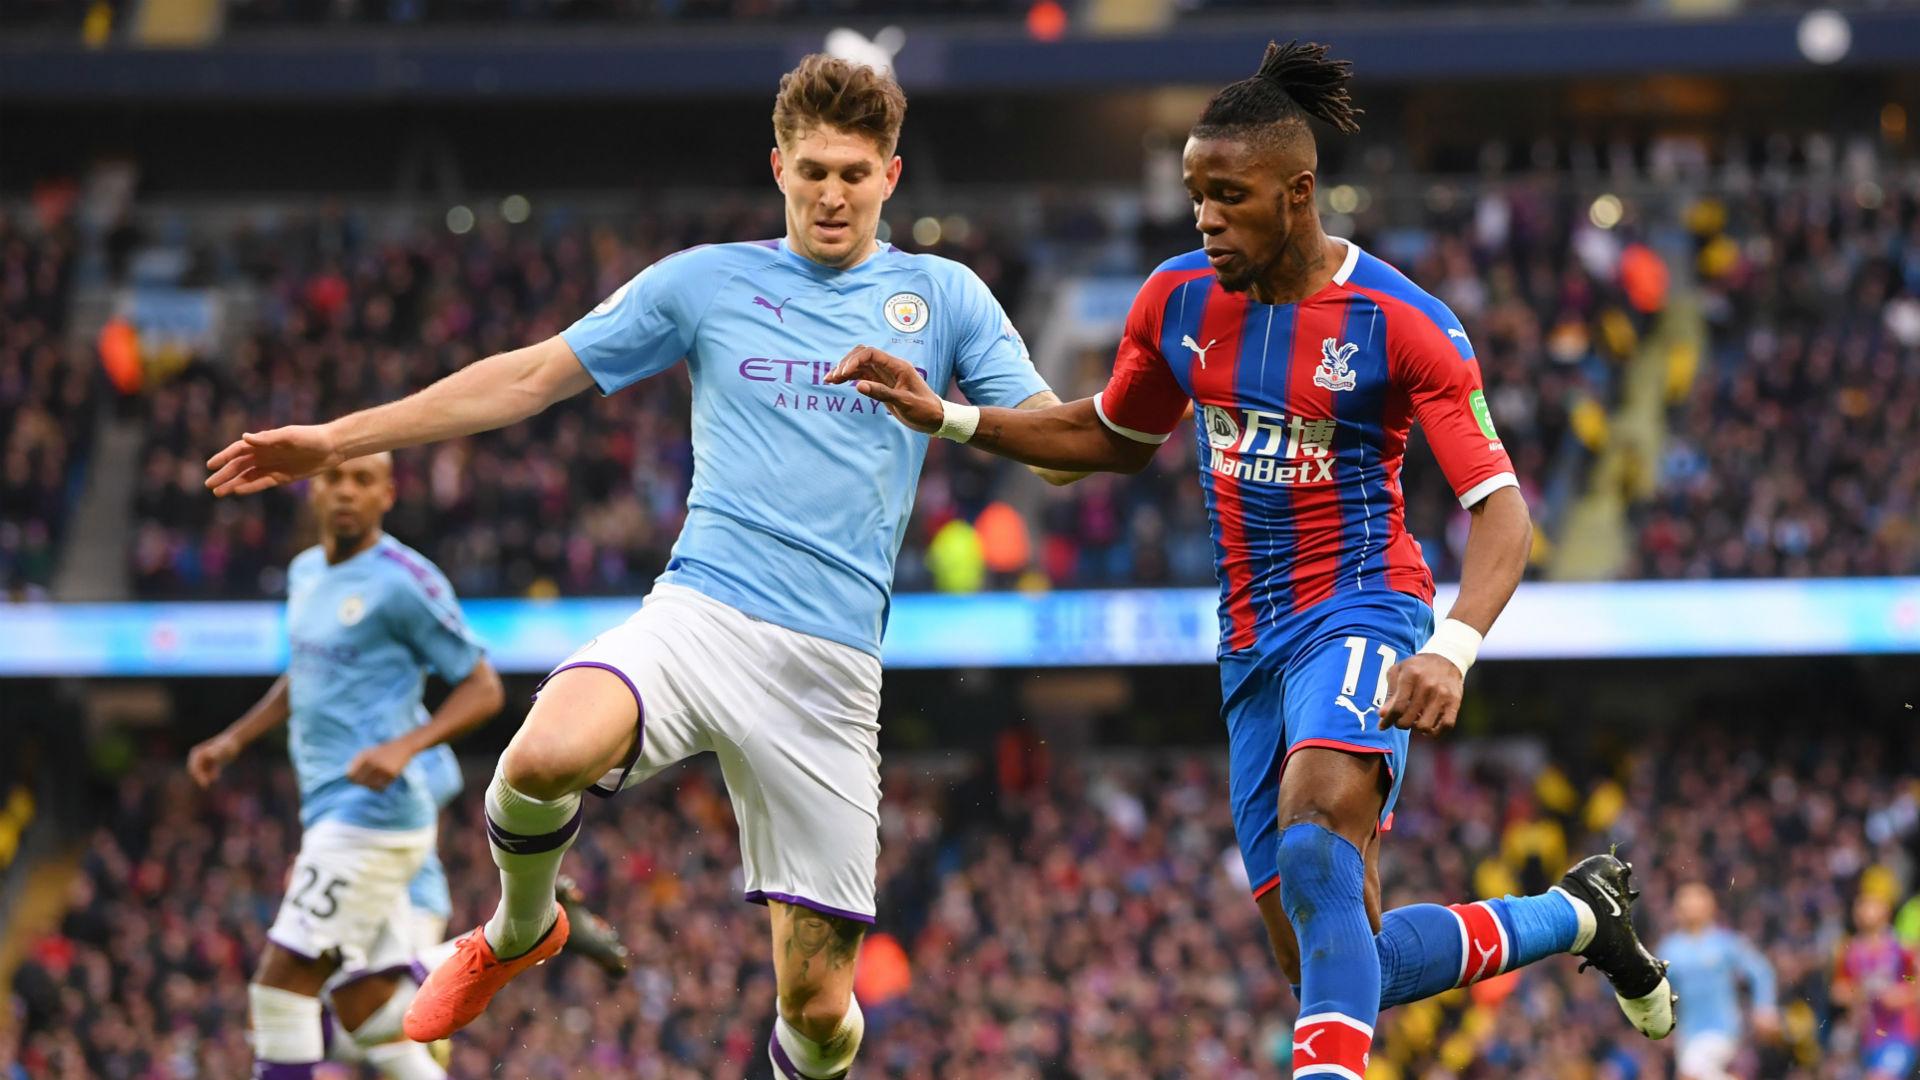 Do not allow Zaha to run - Guardiola slams slack City